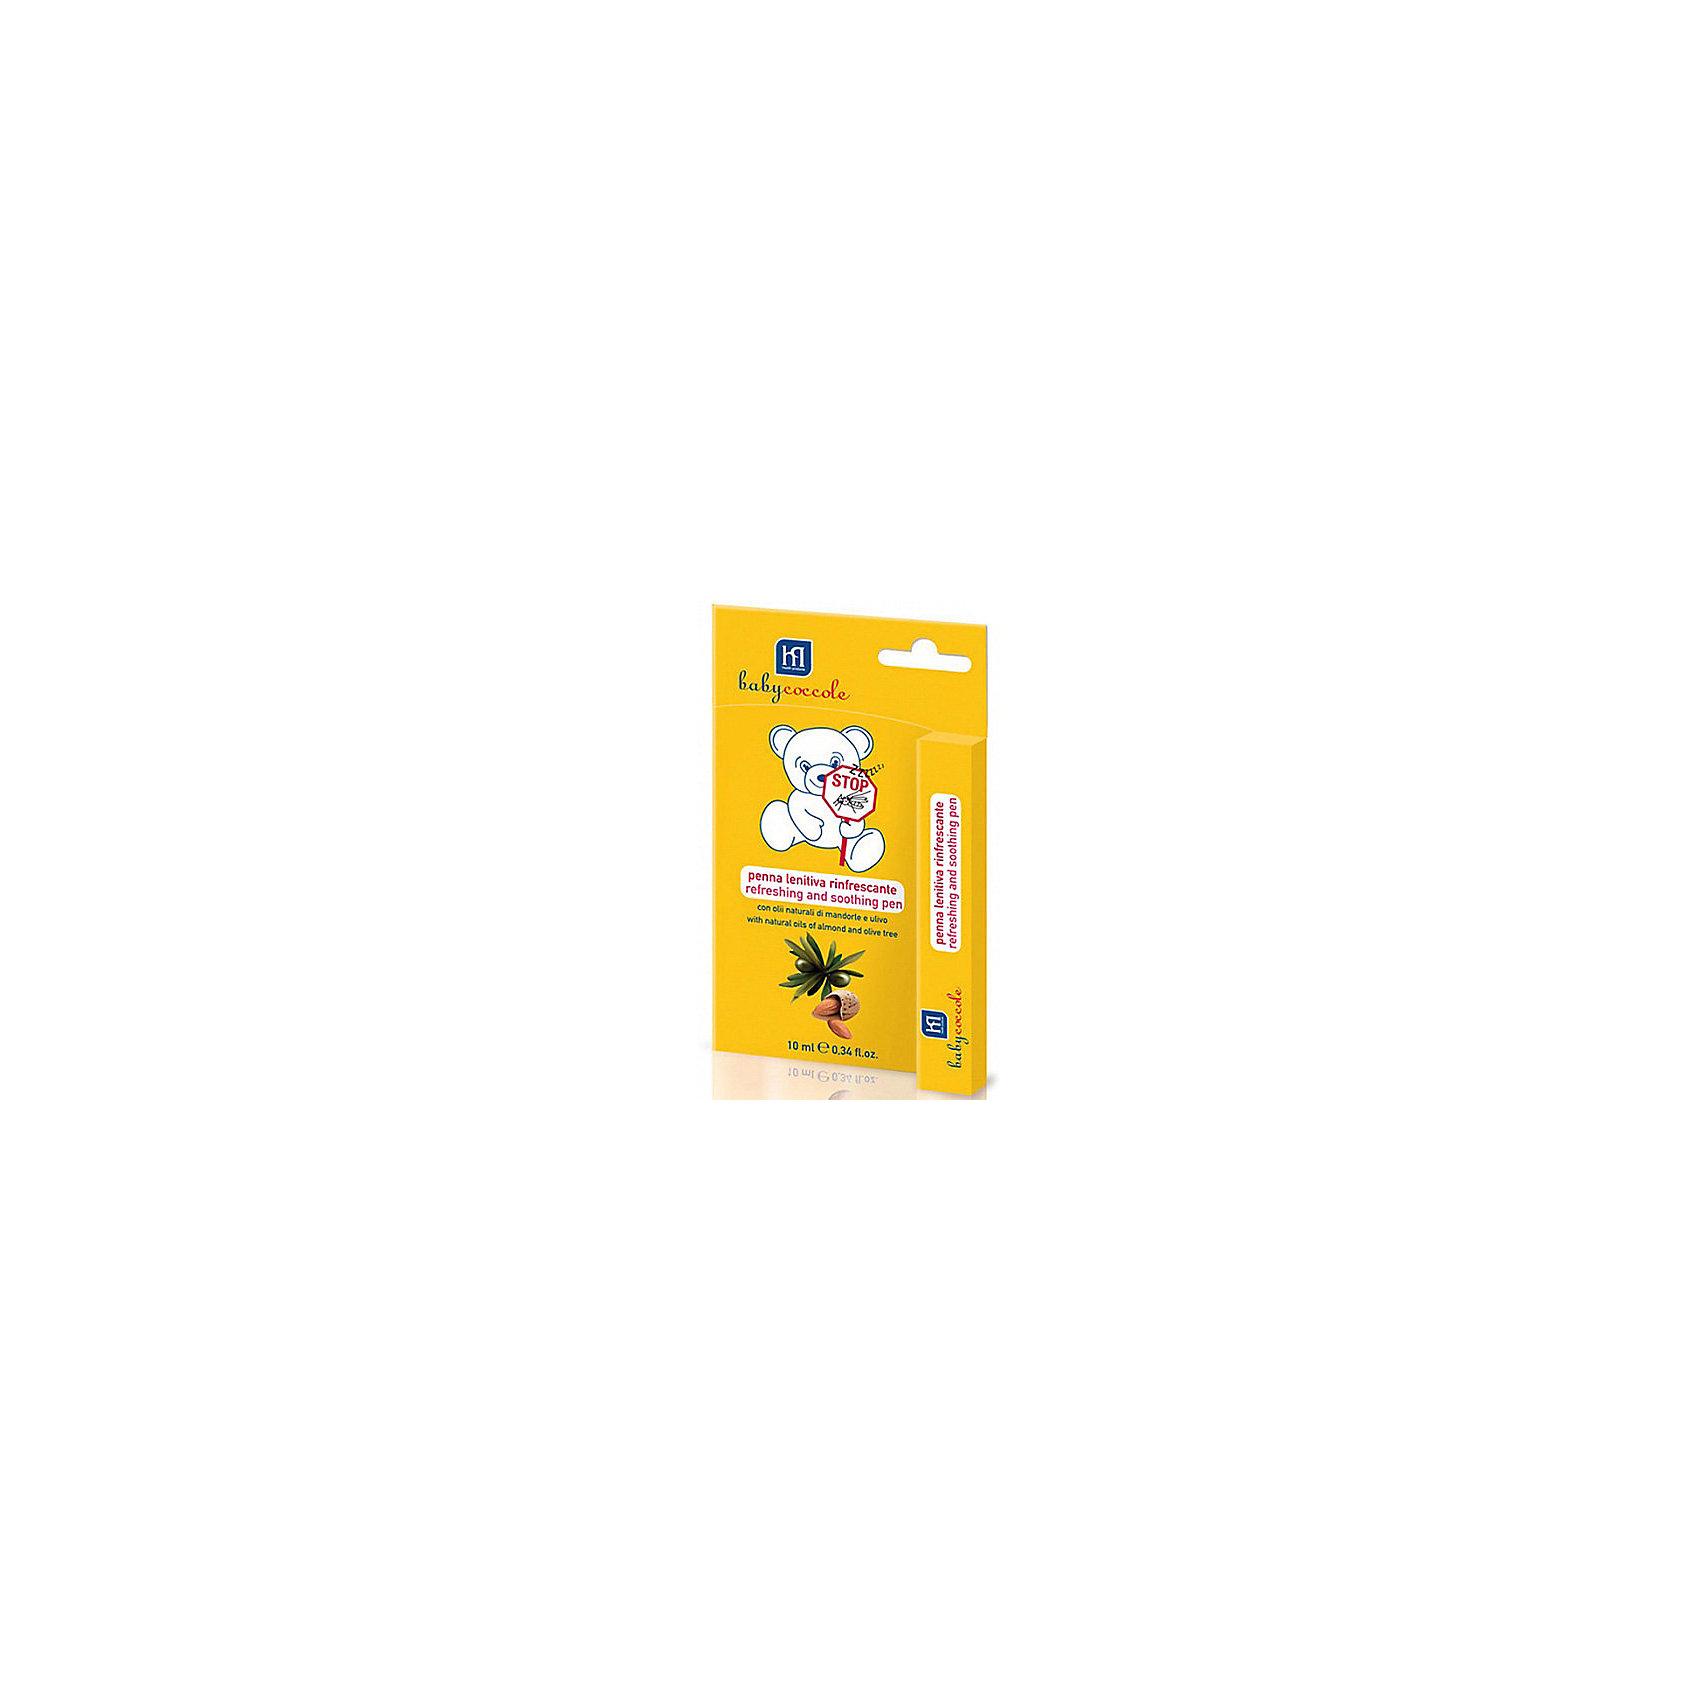 Успокаивающий и освежающий карандаш от комаров 10мл, BabycoccoleУспокаивающий и освежающий карандаш от комаров 10мл, Babycoccole (Бэбикоколле) – помогает снять зуд и раздражения.<br>Успокаивающий и освежающий карандаш от комаров Babycoccole (Бэбикоколле) сделает последствия укусов комаров и других насекомых менее болезненными. Подходит для новорожденных с первого дня жизни. В состав средства входят миндаль и олива, которые известны своими противовоспалительными и успокаивающими свойствами. Карандаш освежает кожу, смягчает ее и снимает покраснения. Поскольку карандаш изготовлен из натуральных компонентов, то он не вызывает аллергических реакций и подходят для чувствительной кожи. Обладает физиологическим уровнем рН.<br><br>Дополнительная информация:<br><br>- Объем: 10 мл.<br>- Не содержит SLS/SLES<br>- Не содержит красителей<br>- Клинически протестирован<br>- Способ применения: небольшое количество средства необходимо нанести на место укуса, при необходимости через время повторить<br><br>Успокаивающий и освежающий карандаш от комаров 10мл, Babycoccole (Бэбикоколле) можно купить в нашем интернет-магазине.<br><br>Ширина мм: 20<br>Глубина мм: 100<br>Высота мм: 160<br>Вес г: 50<br>Возраст от месяцев: 0<br>Возраст до месяцев: 36<br>Пол: Унисекс<br>Возраст: Детский<br>SKU: 4701924